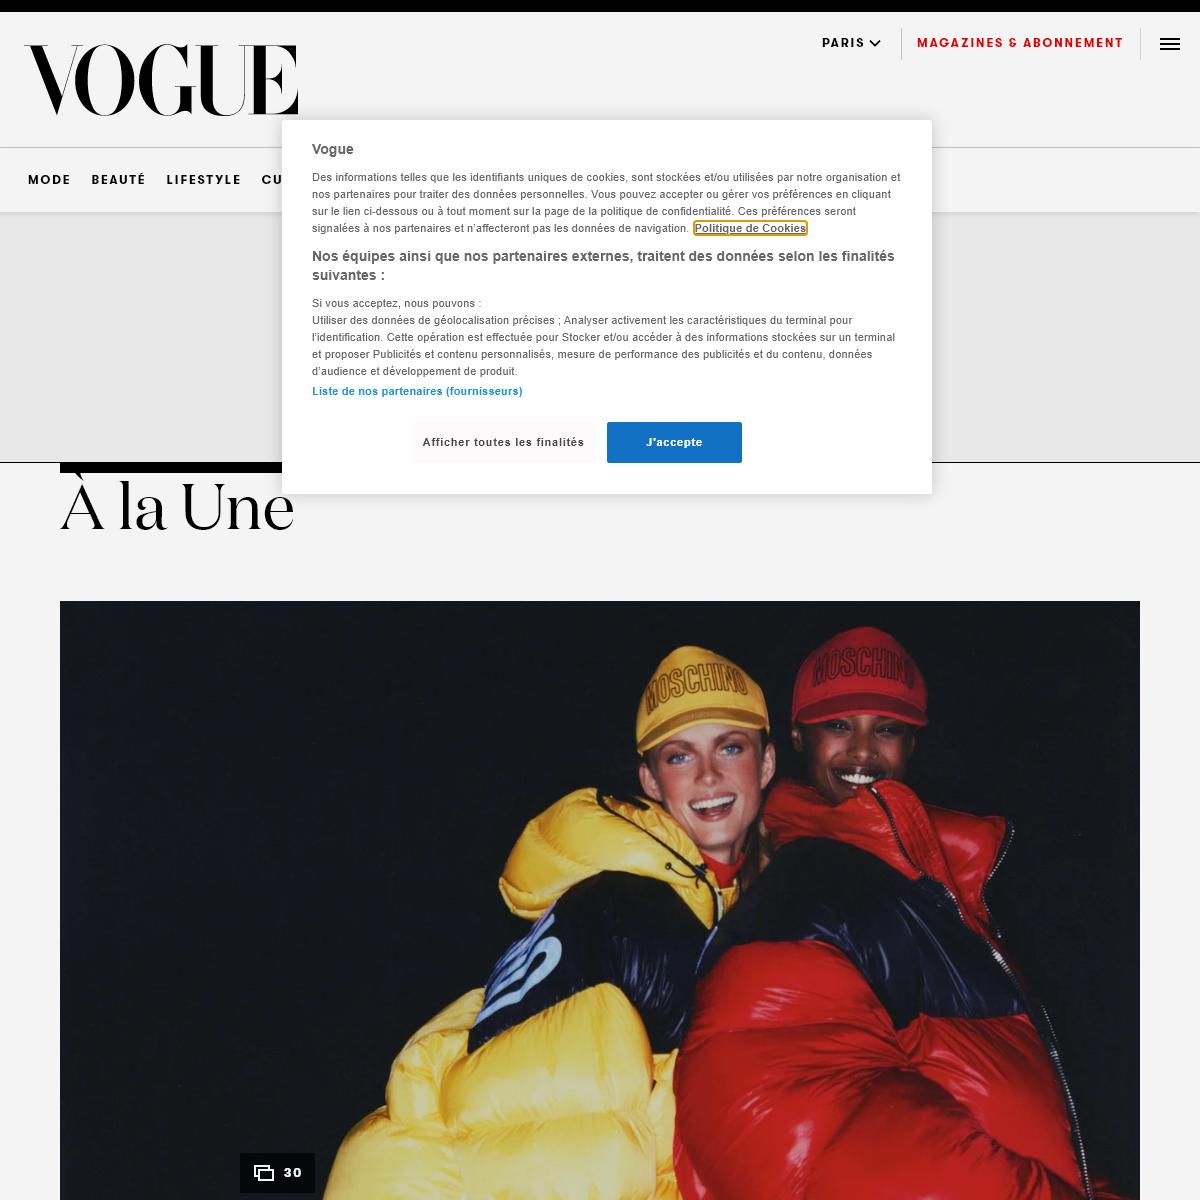 Vogue Paris - News Mode, Beauté, Culture...Découvrez les dernières tendances